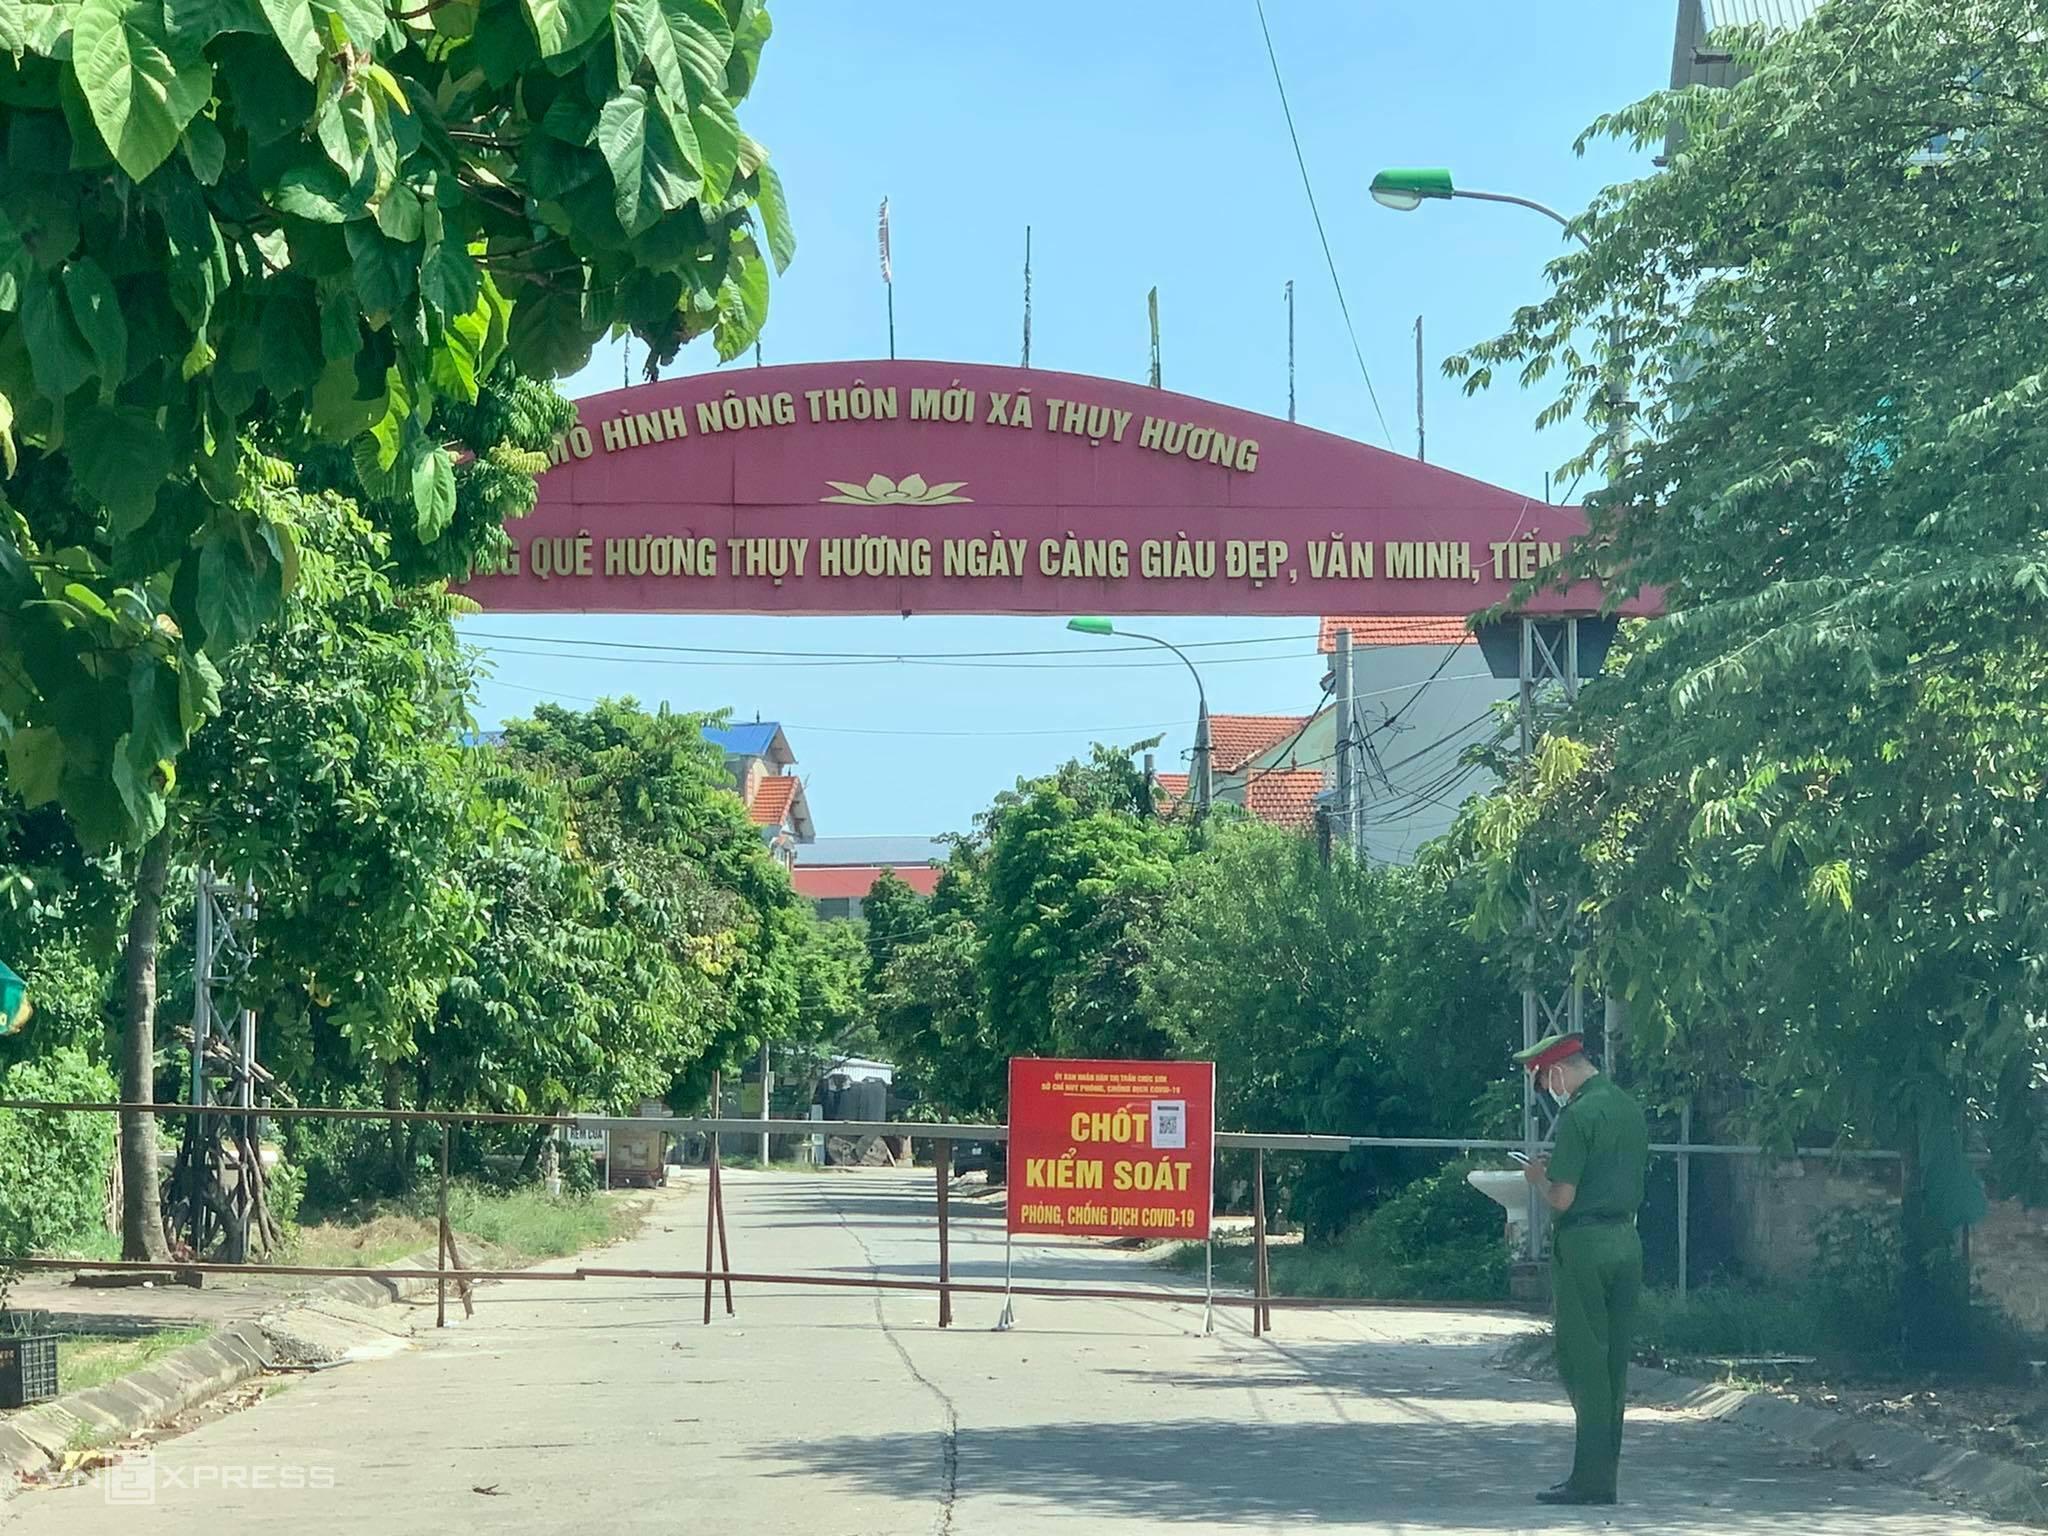 Chốt kiểm soát tại lối vào xã Thuỵ Hương. Ảnh: Gia Chính